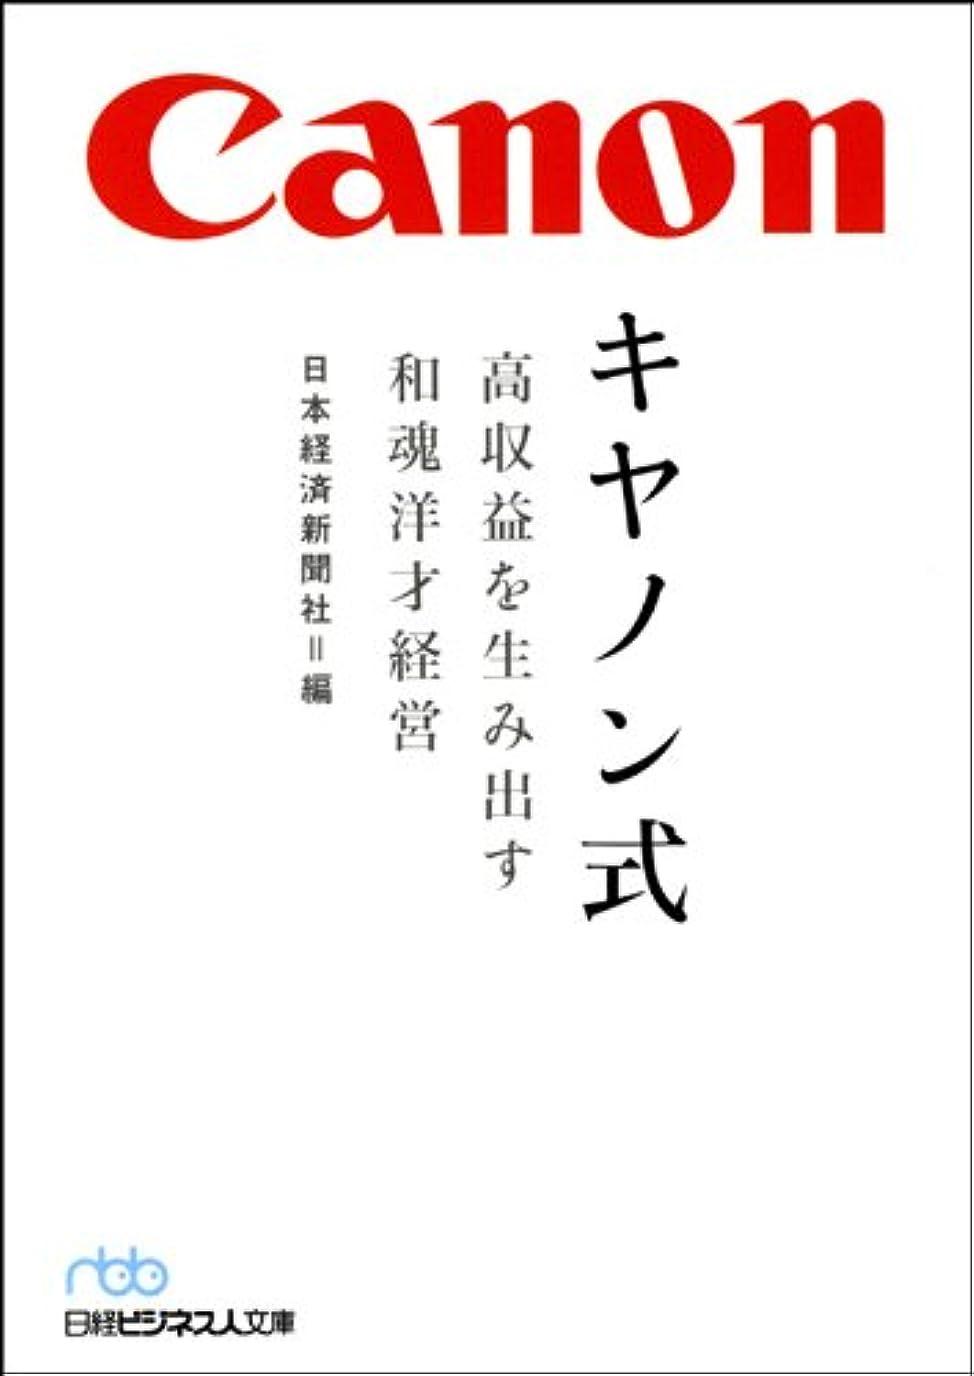 広げるシンプルな順番キヤノン式 高収益を生み出す和魂洋才経営 (日経ビジネス人文庫)